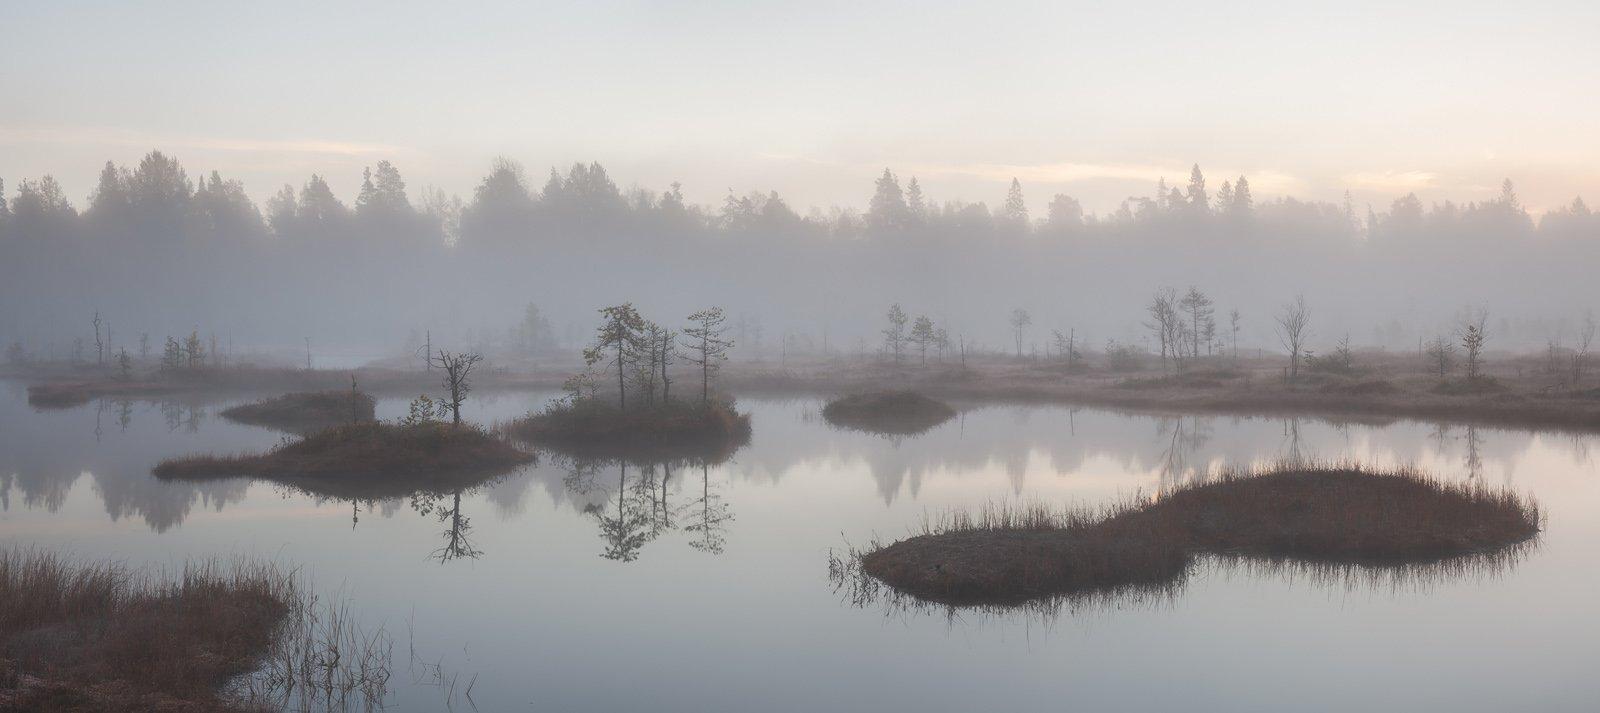 природа ленинградской области, ленобласть, болото, соколий мох, болотный тур, Арсений Кашкаров